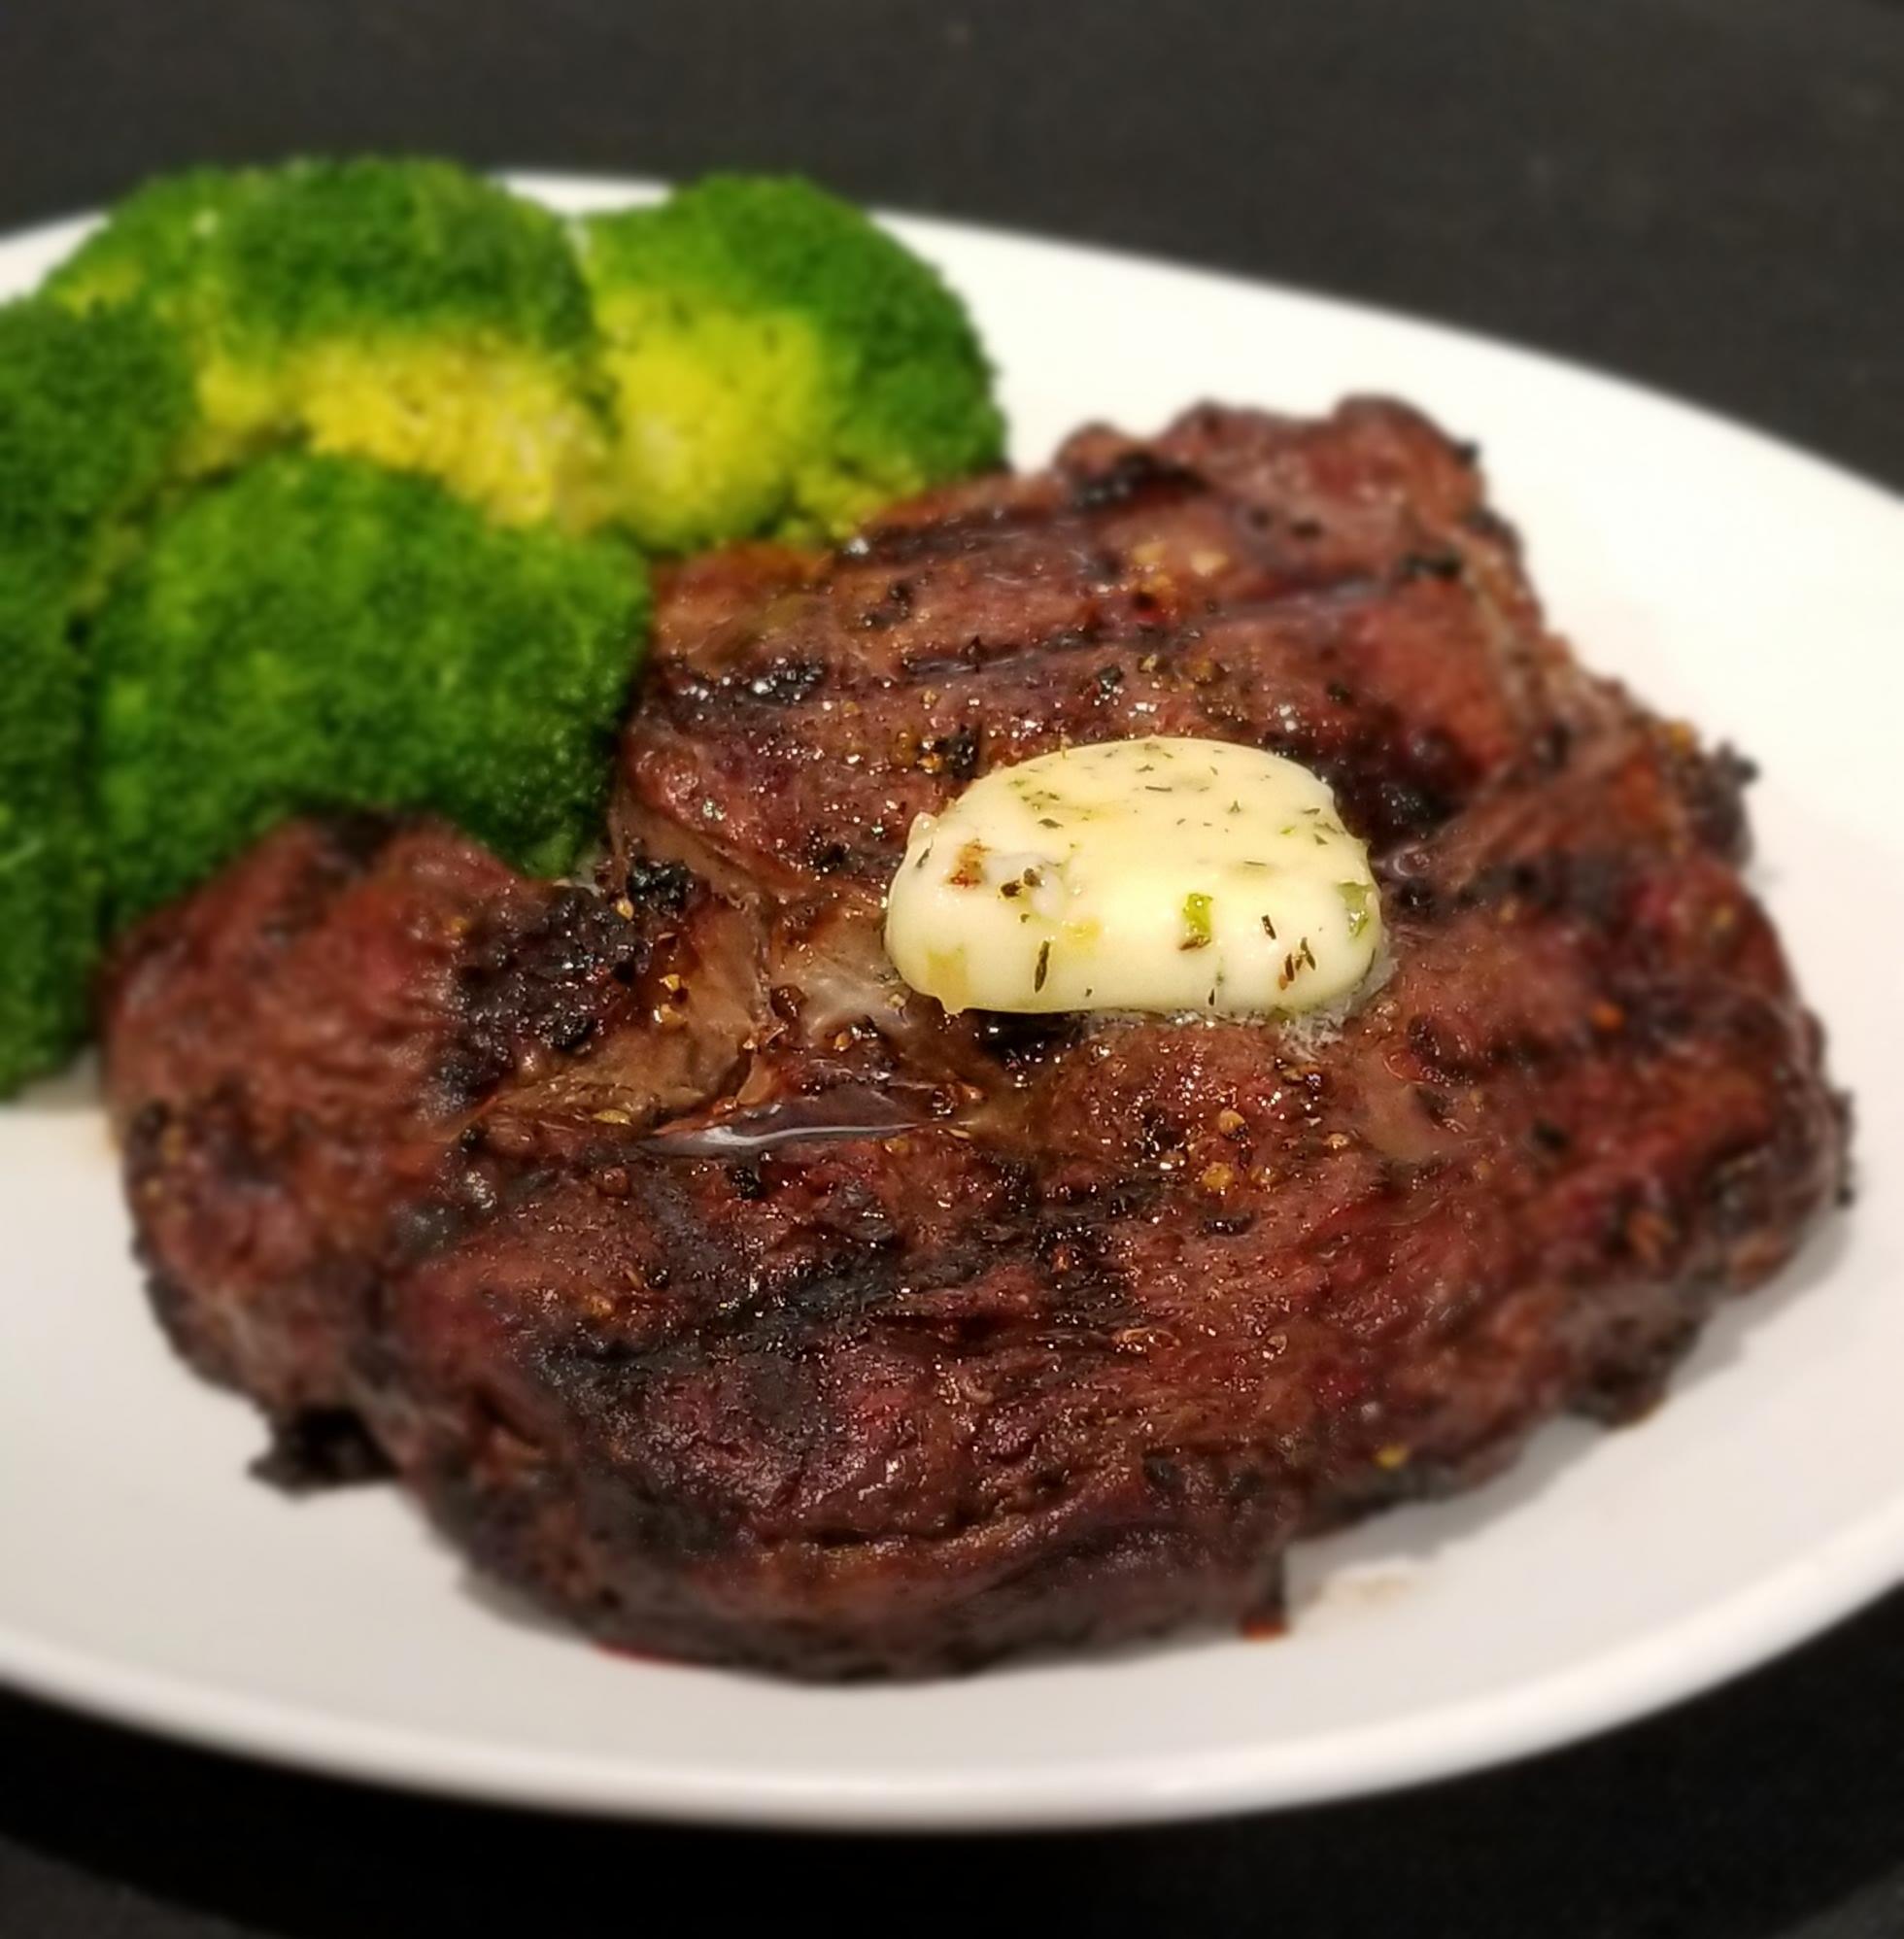 Ribeye with broccoli